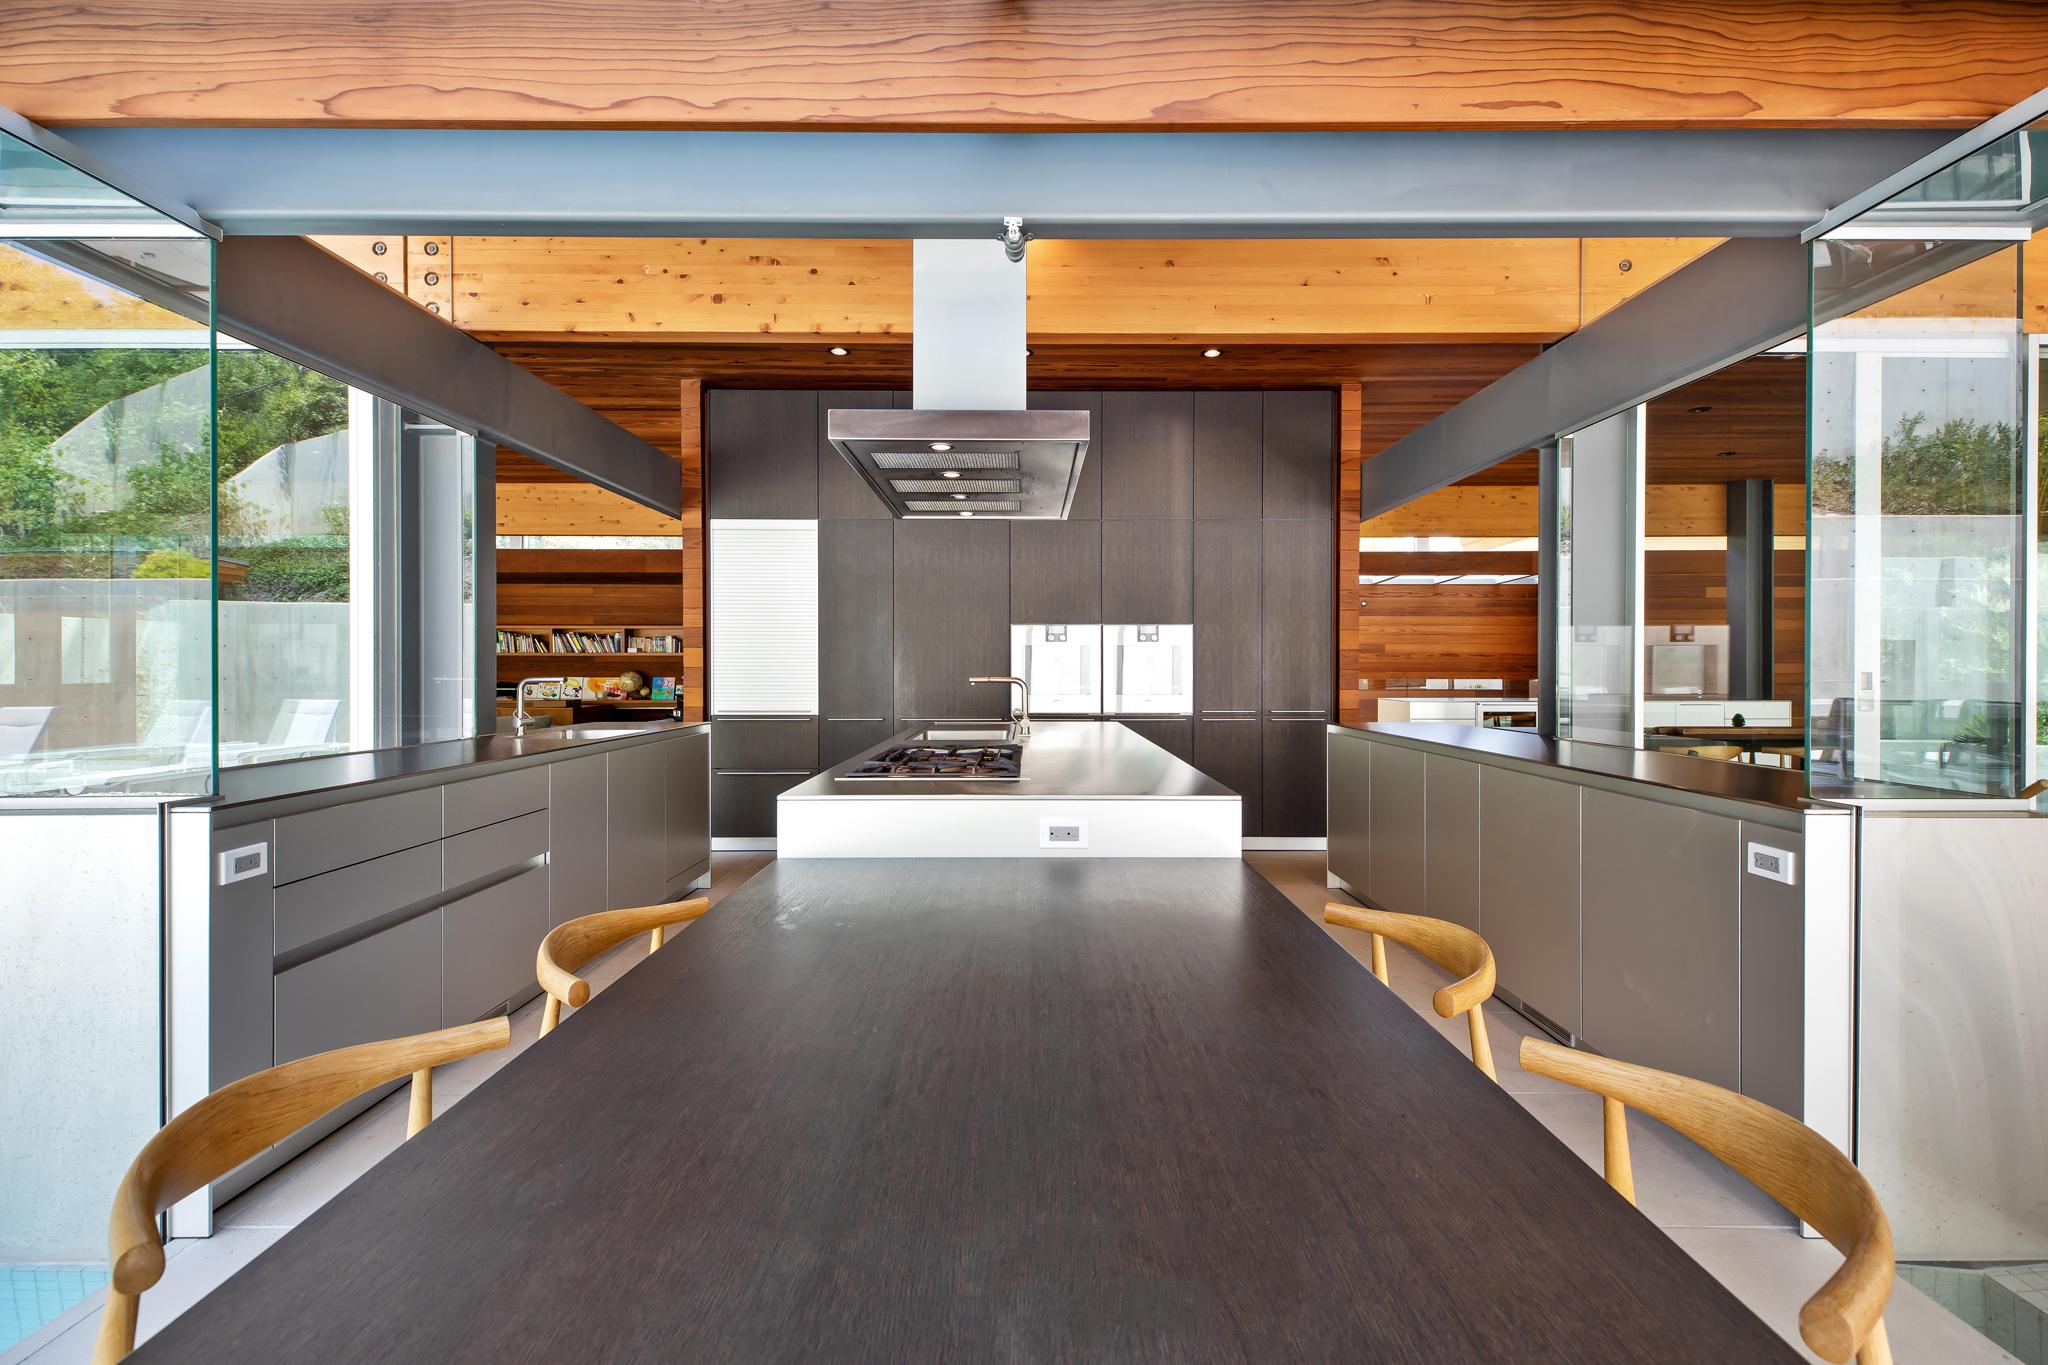 1160 San Ysidro_10_Interior_Kitchen_106.jpg